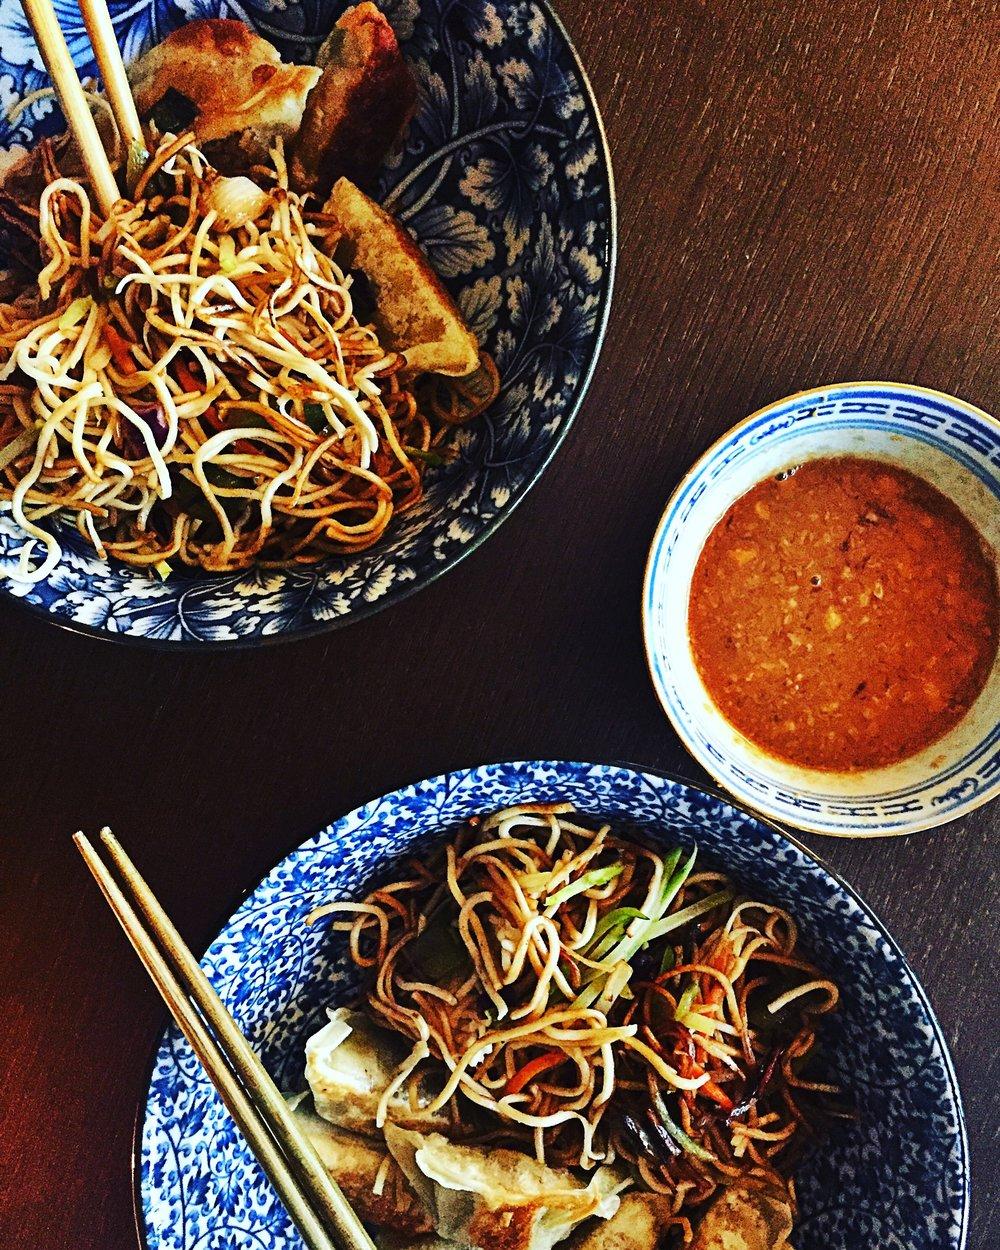 chow mein, dumplings & peanut butter sauce